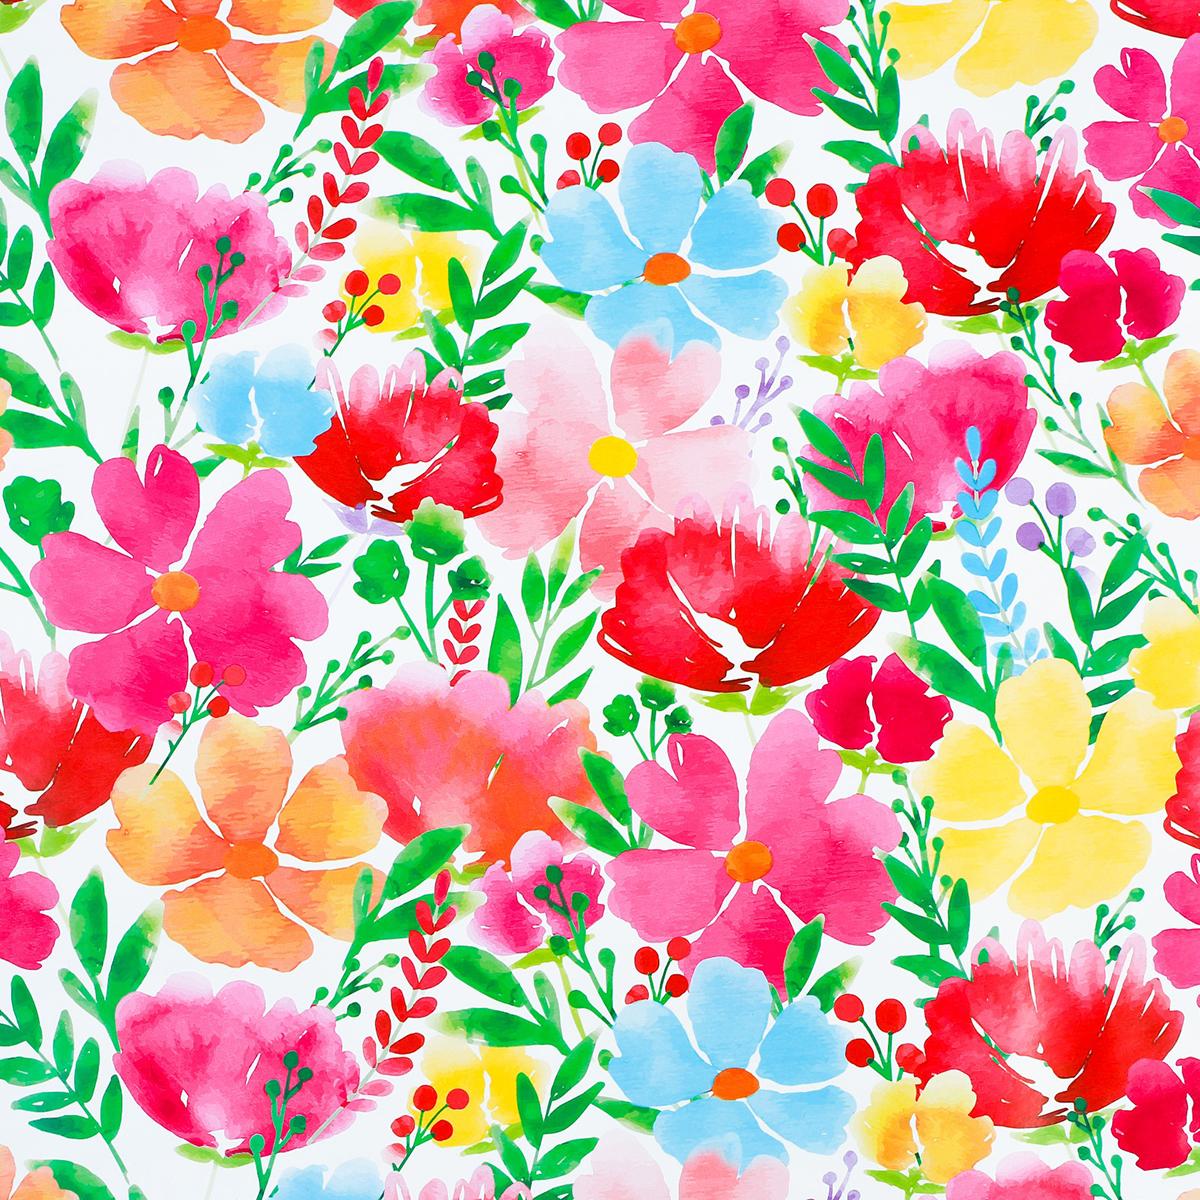 Бумага упаковочная Дарите счастье Акварельные цветы, глянцевая, 70 х 100 см. 2924089 бумага упаковочная дарите счастье золотые шары глянцевая 70 х 100 см 2739451